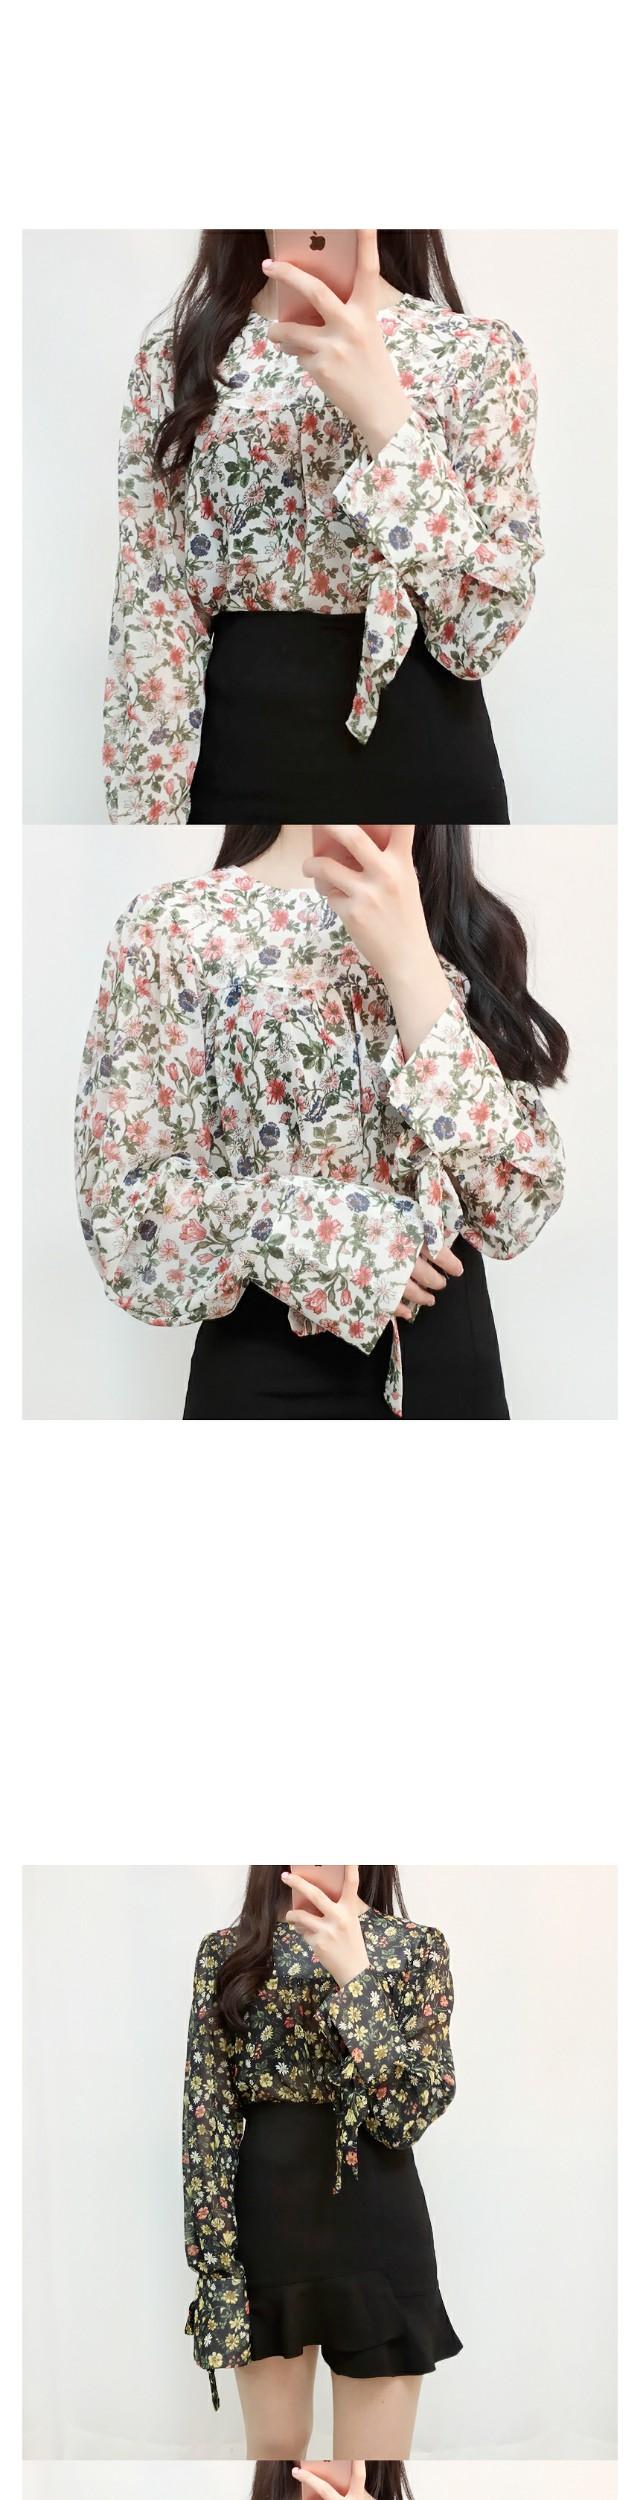 McQueen Flower Blouse